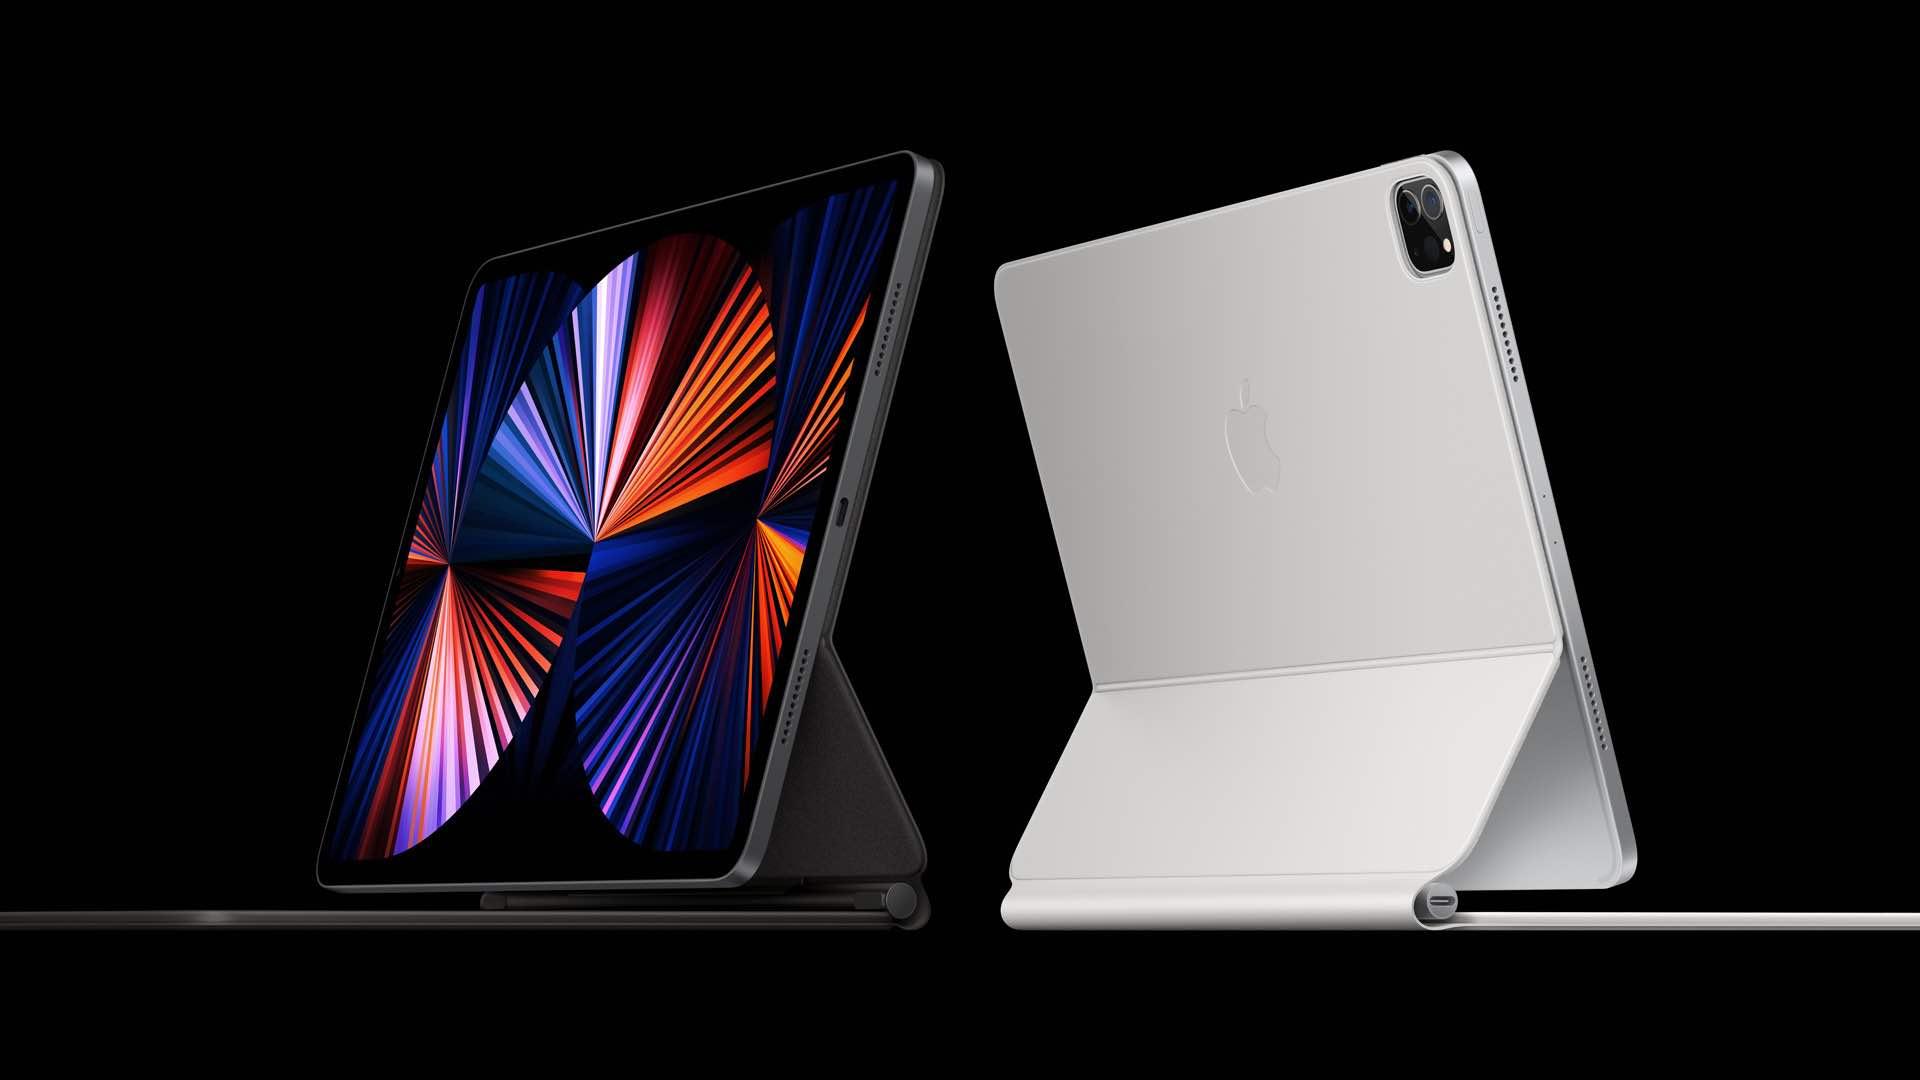 iPad Pro 2021 prijzen: er is goed en slecht nieuws - iCreate